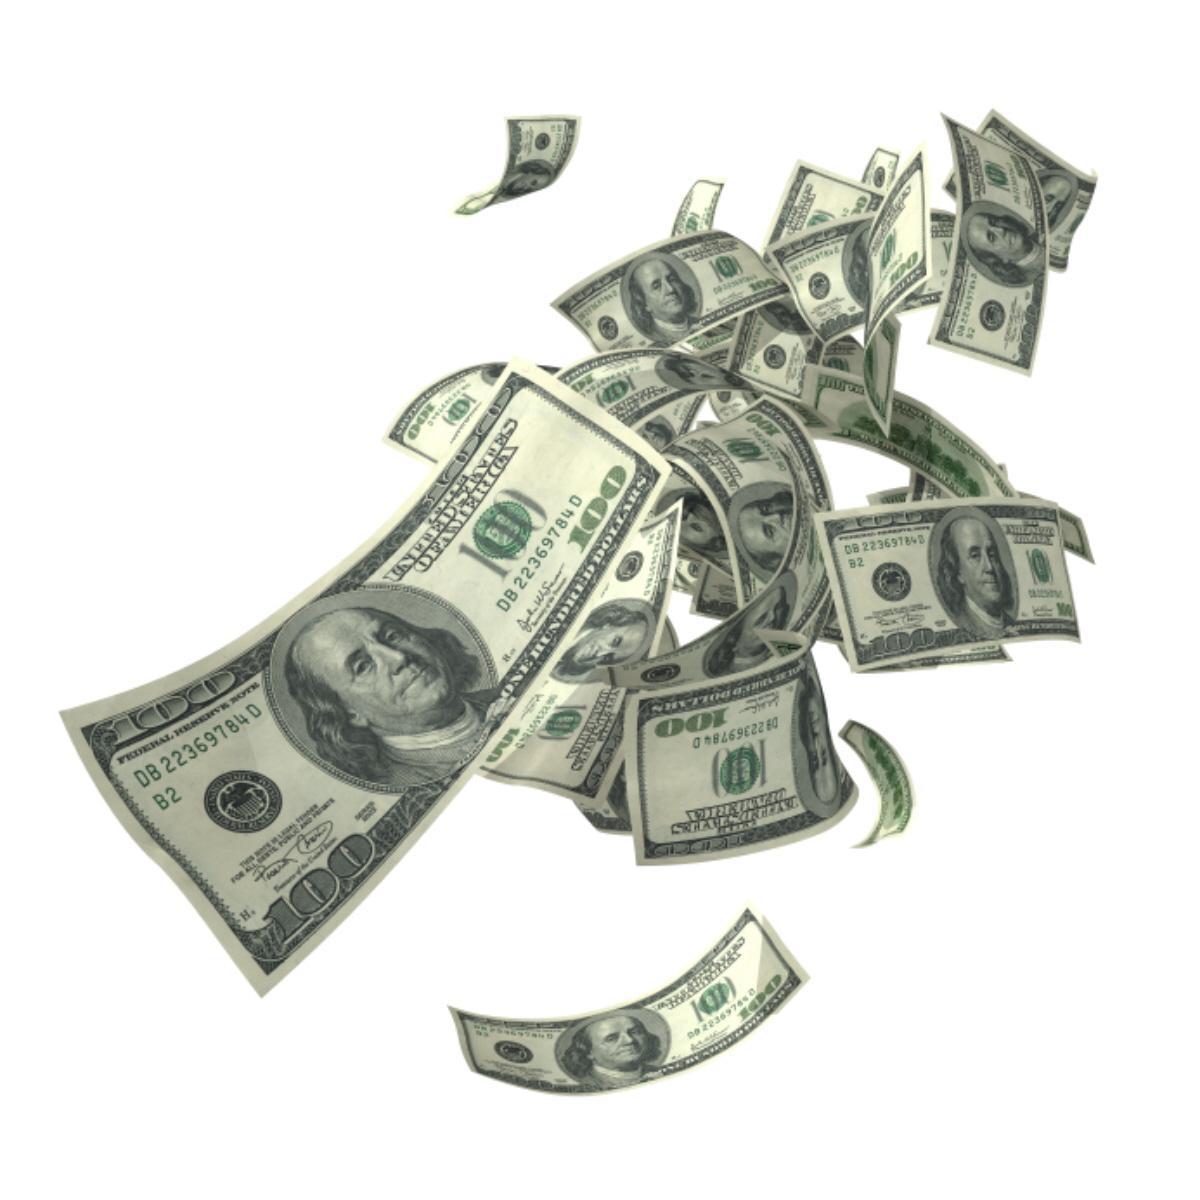 01 throwing away money